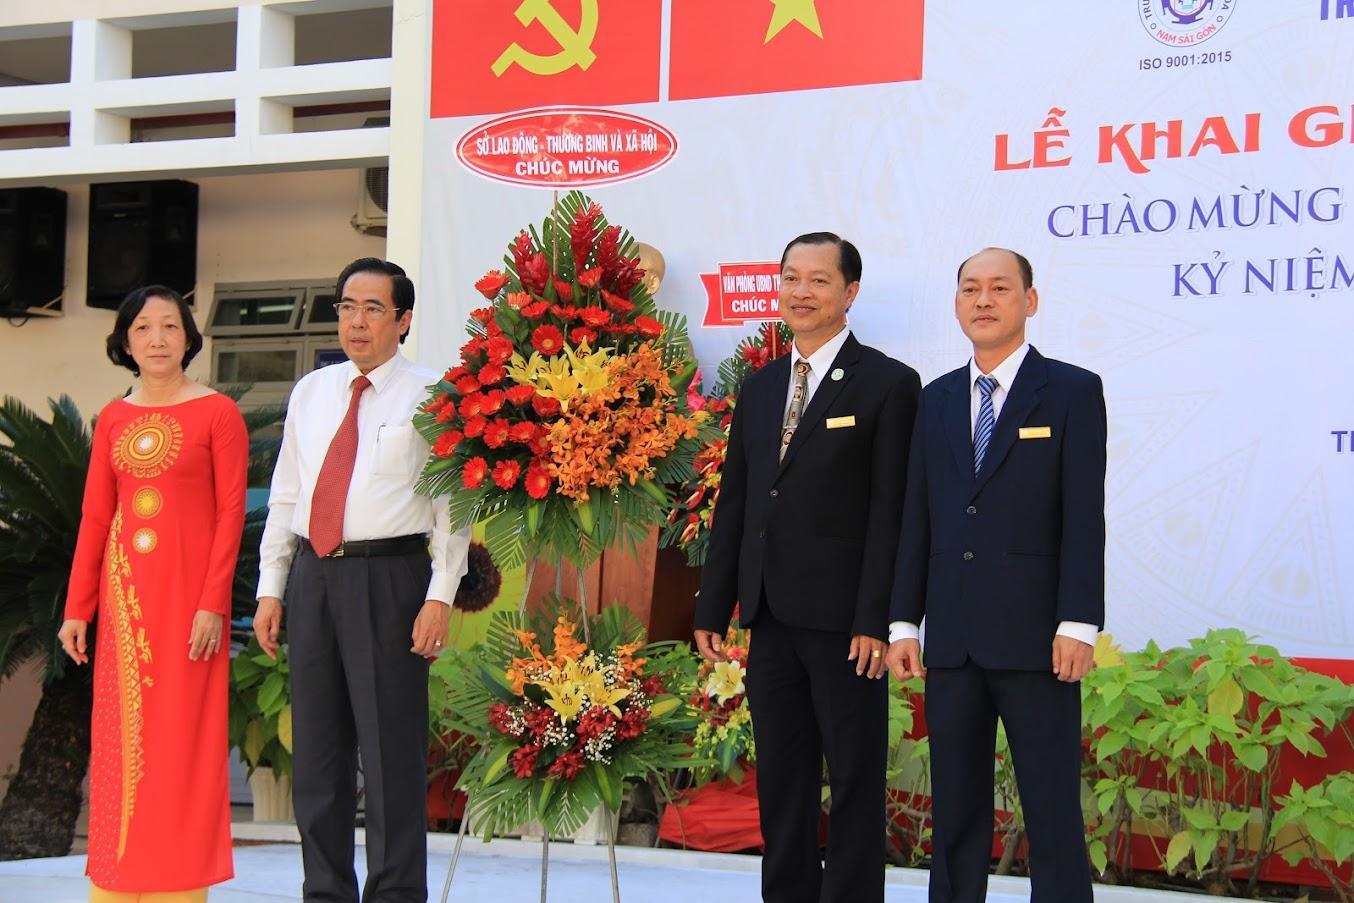 Ông Nguyễn Văn Lâm - Phó Giám đốc Sở Lao động - Thương binh và Xã hội Thành phố Hồ Chí Minh lên tặng hoa chúc mừng lễ khai giảng năm học 2020-2021